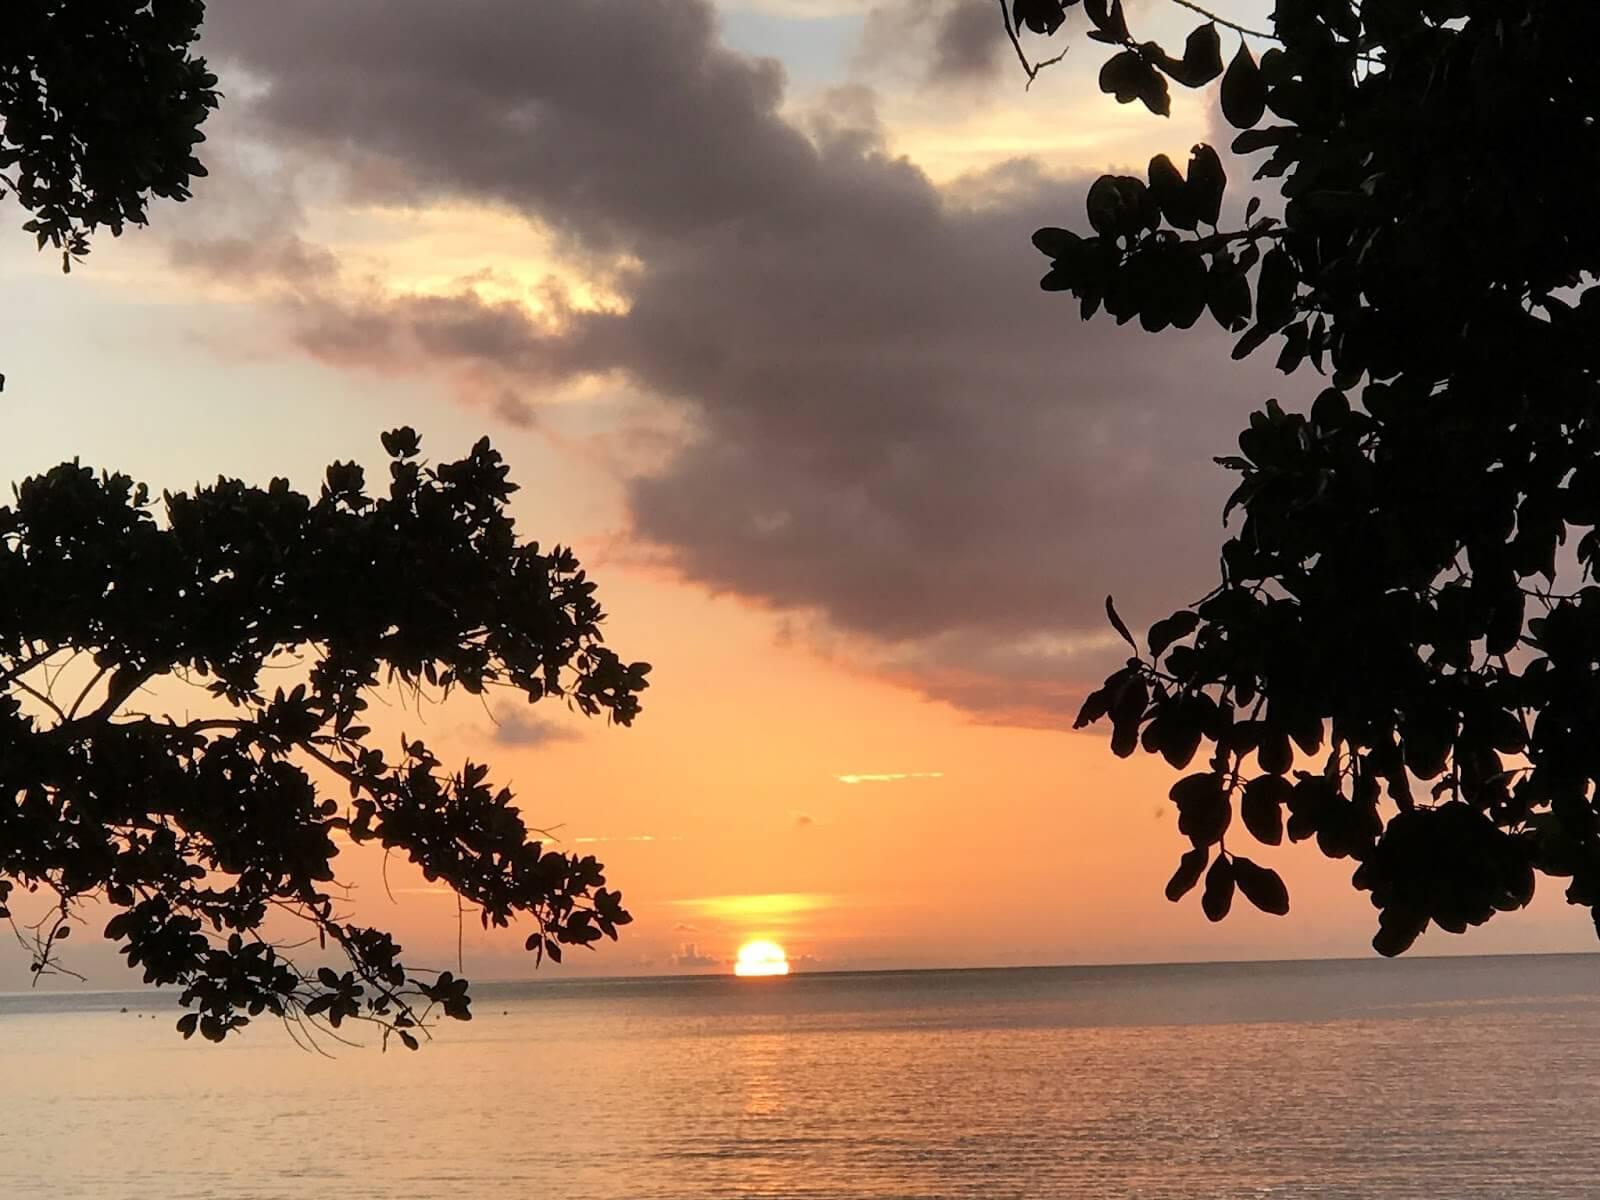 Sunset at Beau Vallon Beach